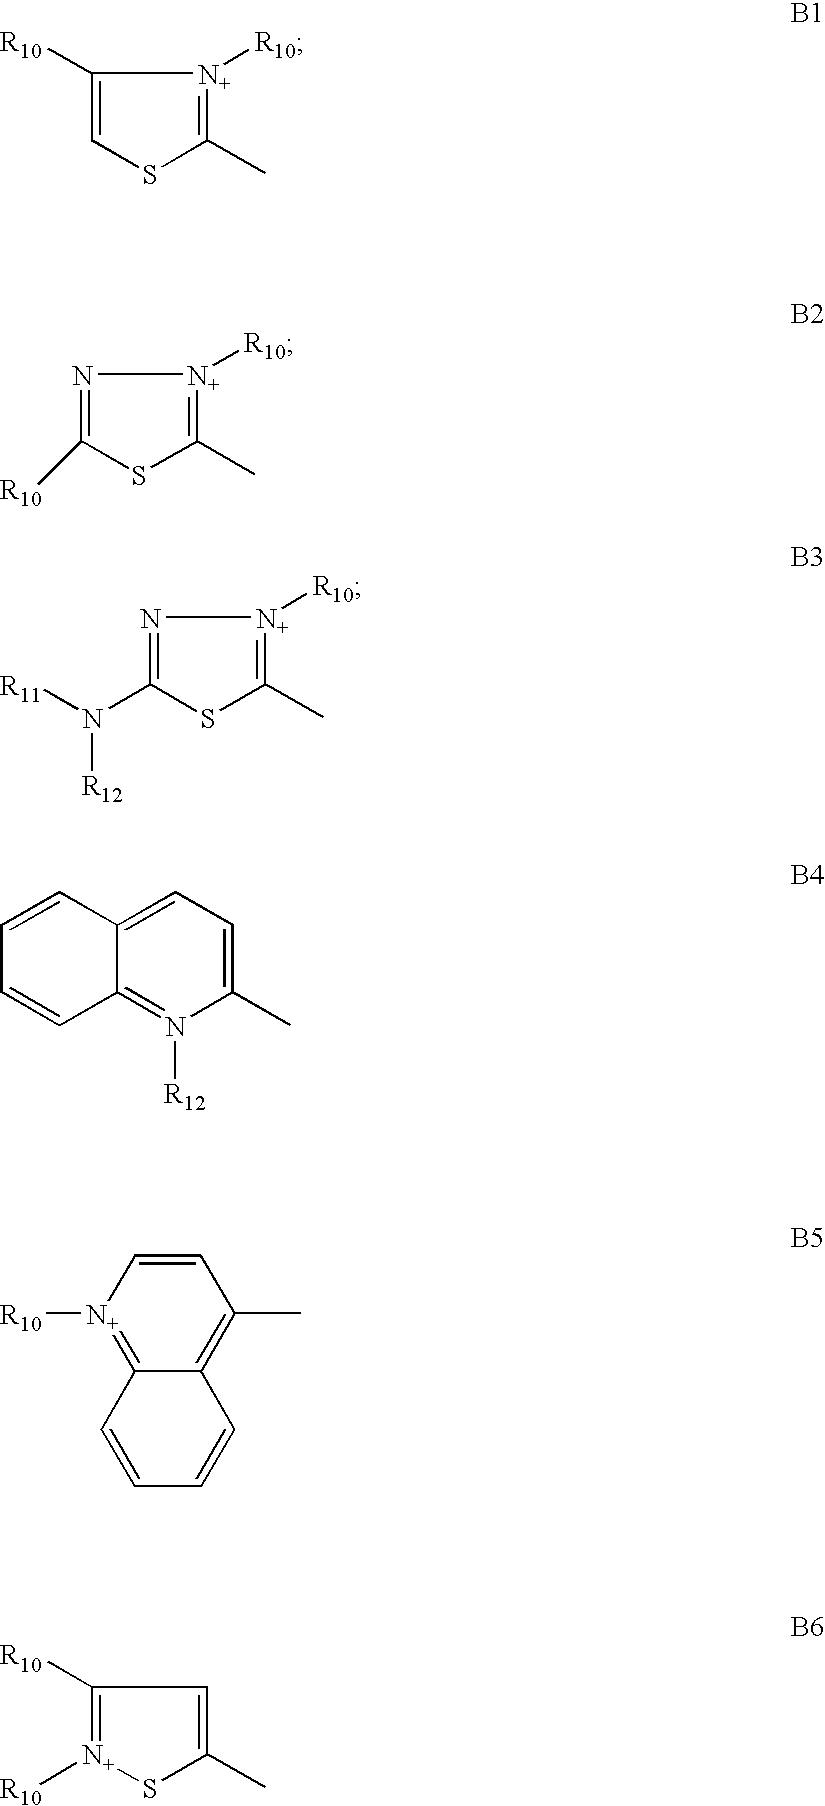 Figure US20090158533A1-20090625-C00009